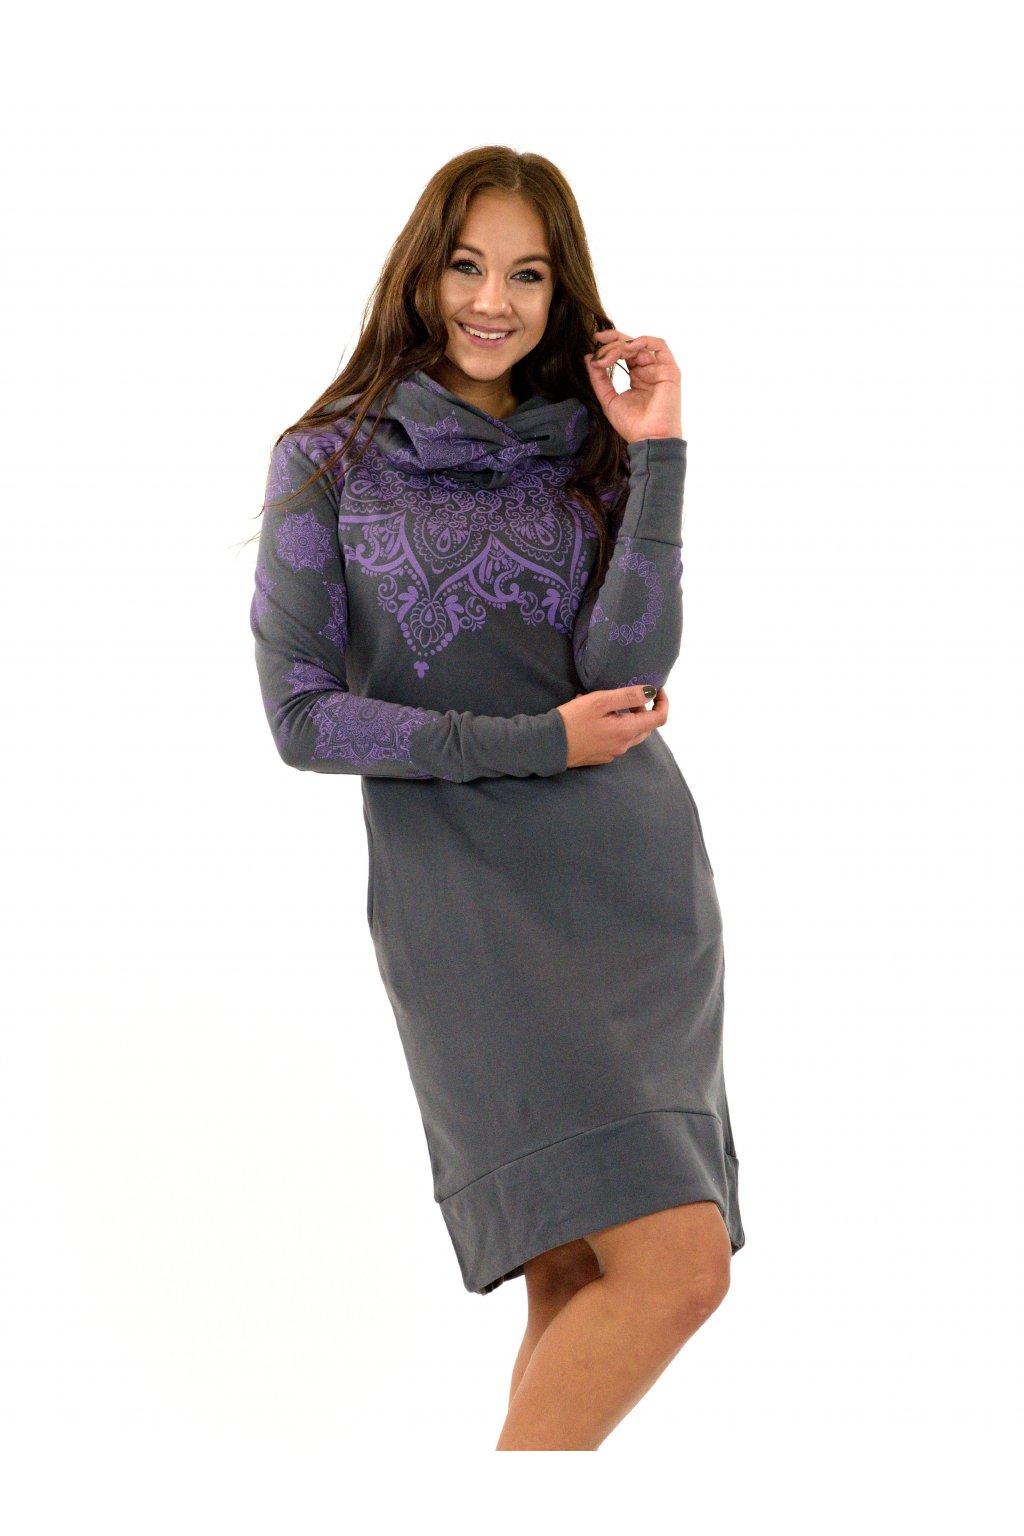 Hřejivá šatomikina Ohana s maxi kapucí - šedá s fialovou